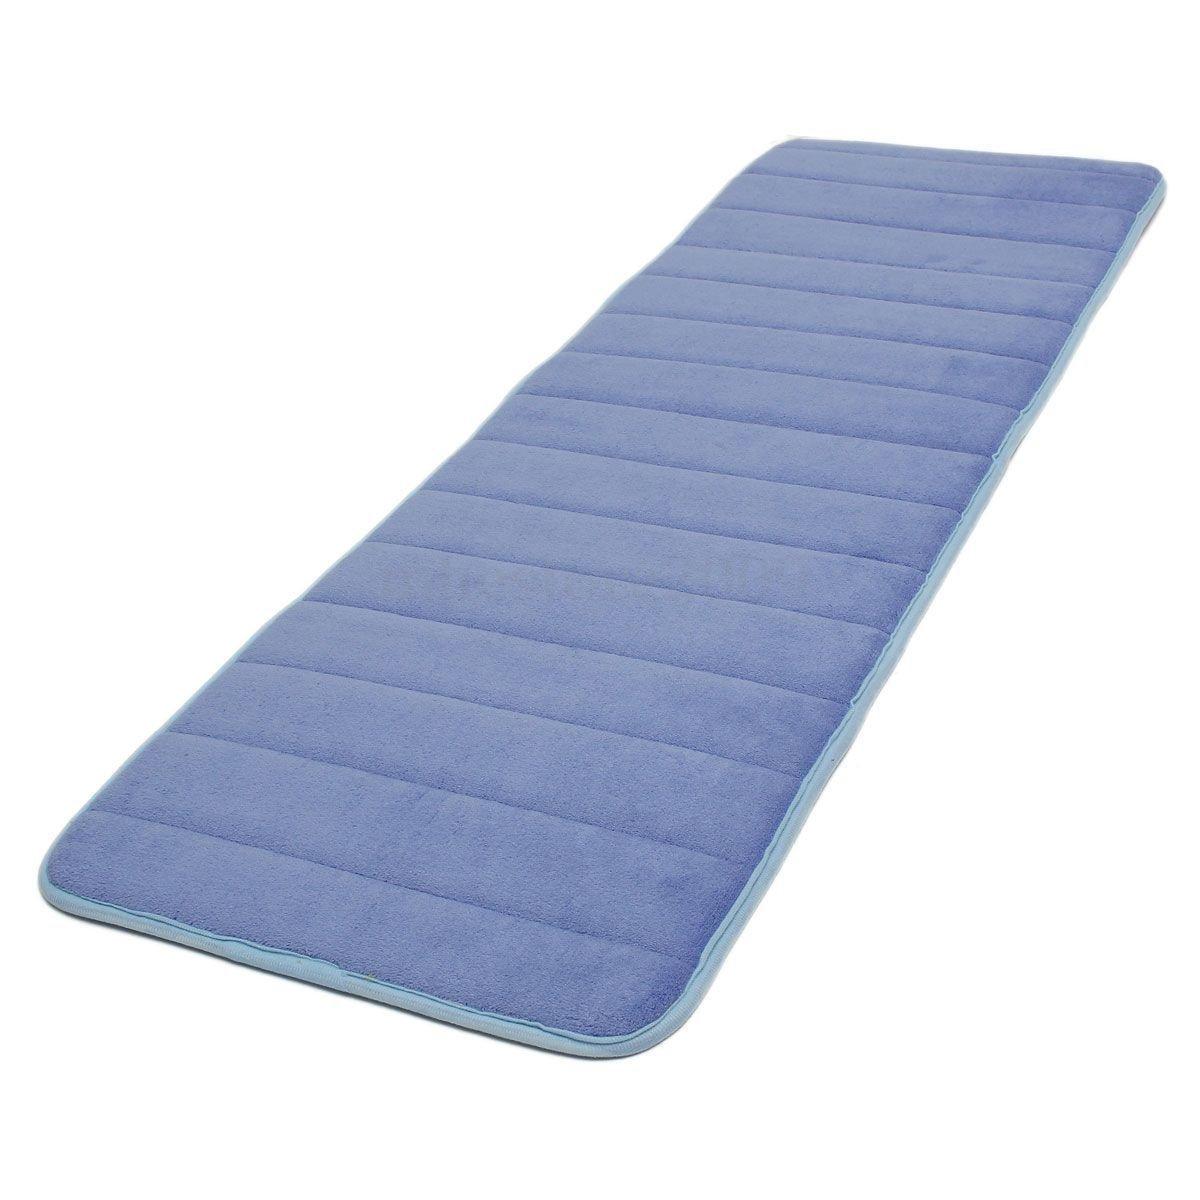 Alfombras y moquetas zen cart e comercio for Alfombra azul turquesa del dormitorio